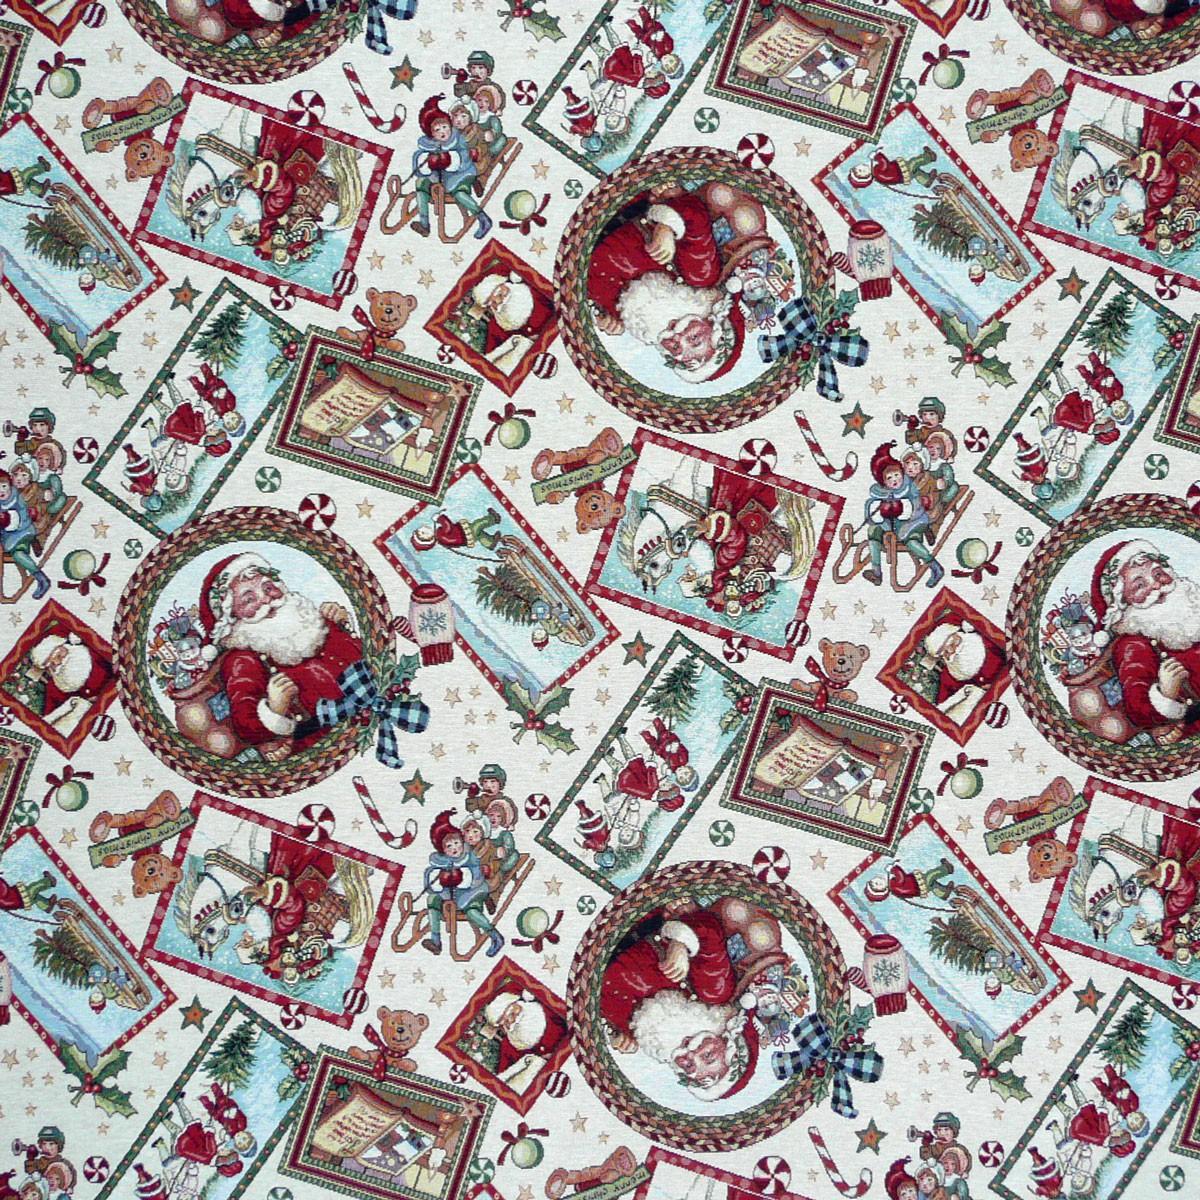 gobelinstoff stoff dekostoff meterware weihnachten santa claus patchwork ebay. Black Bedroom Furniture Sets. Home Design Ideas